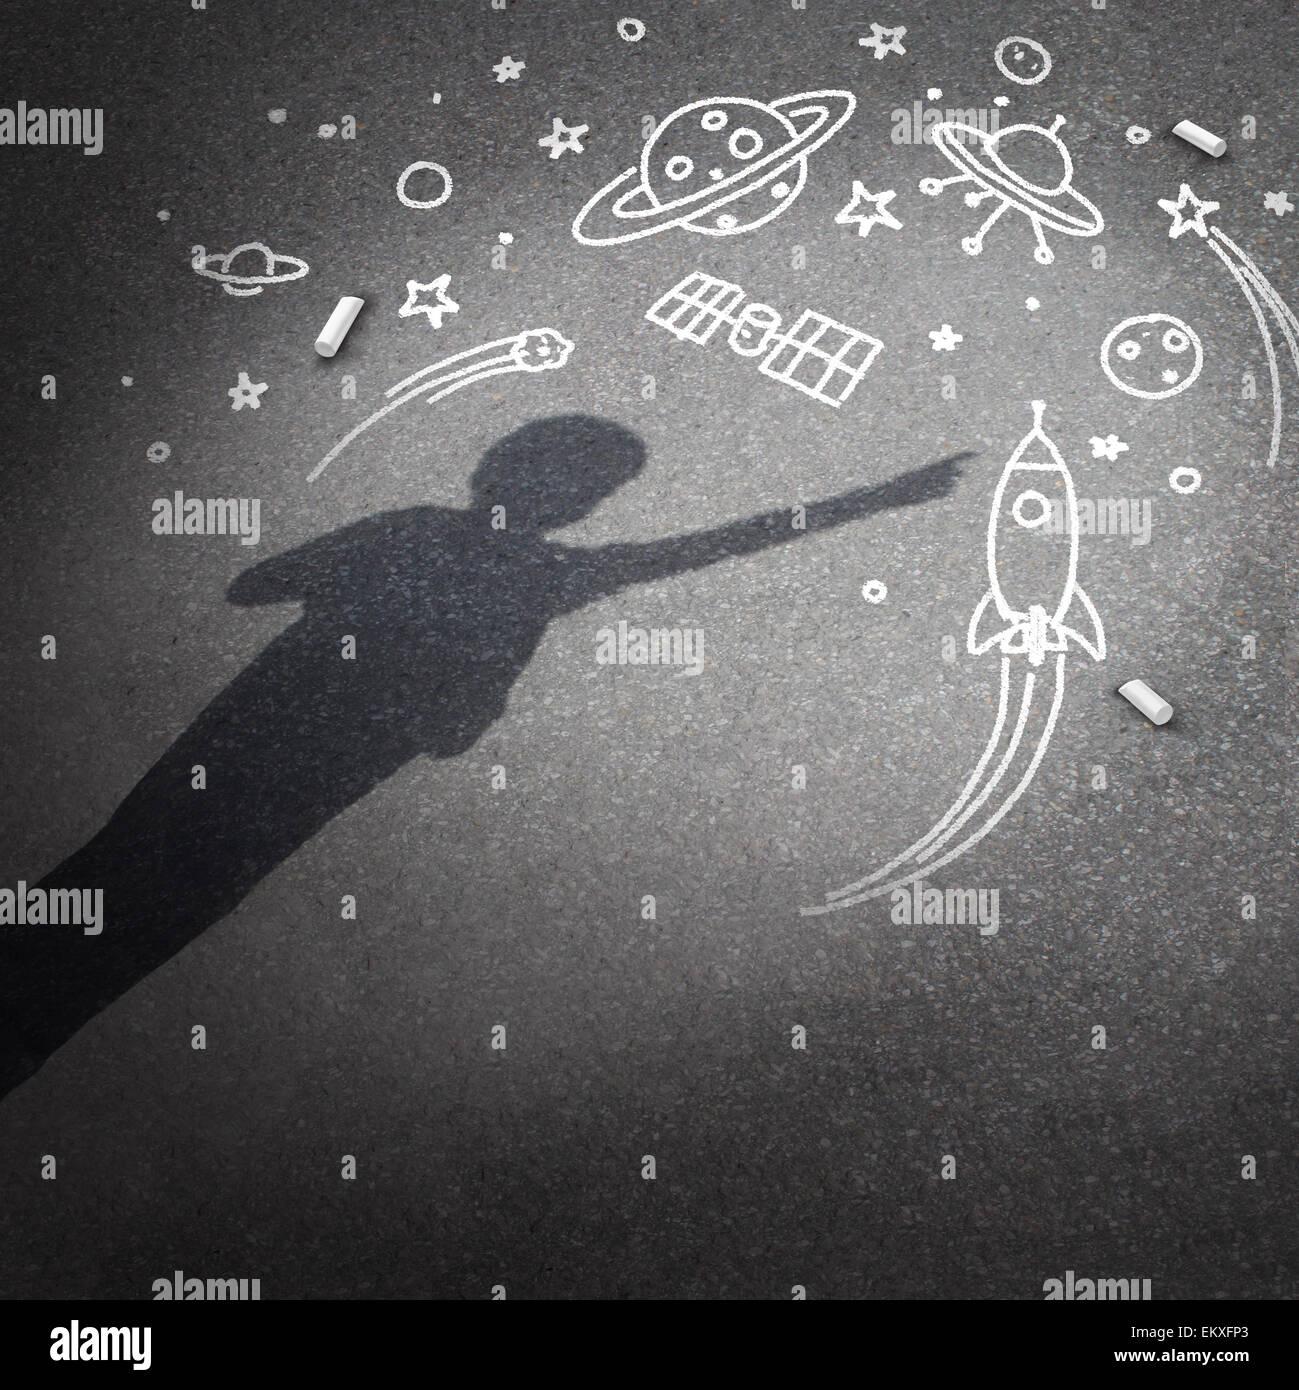 Espaço Criança sonho como um conceito imaginário infantil com um elenco sombra de um cabrito sonhamos Imagens de Stock